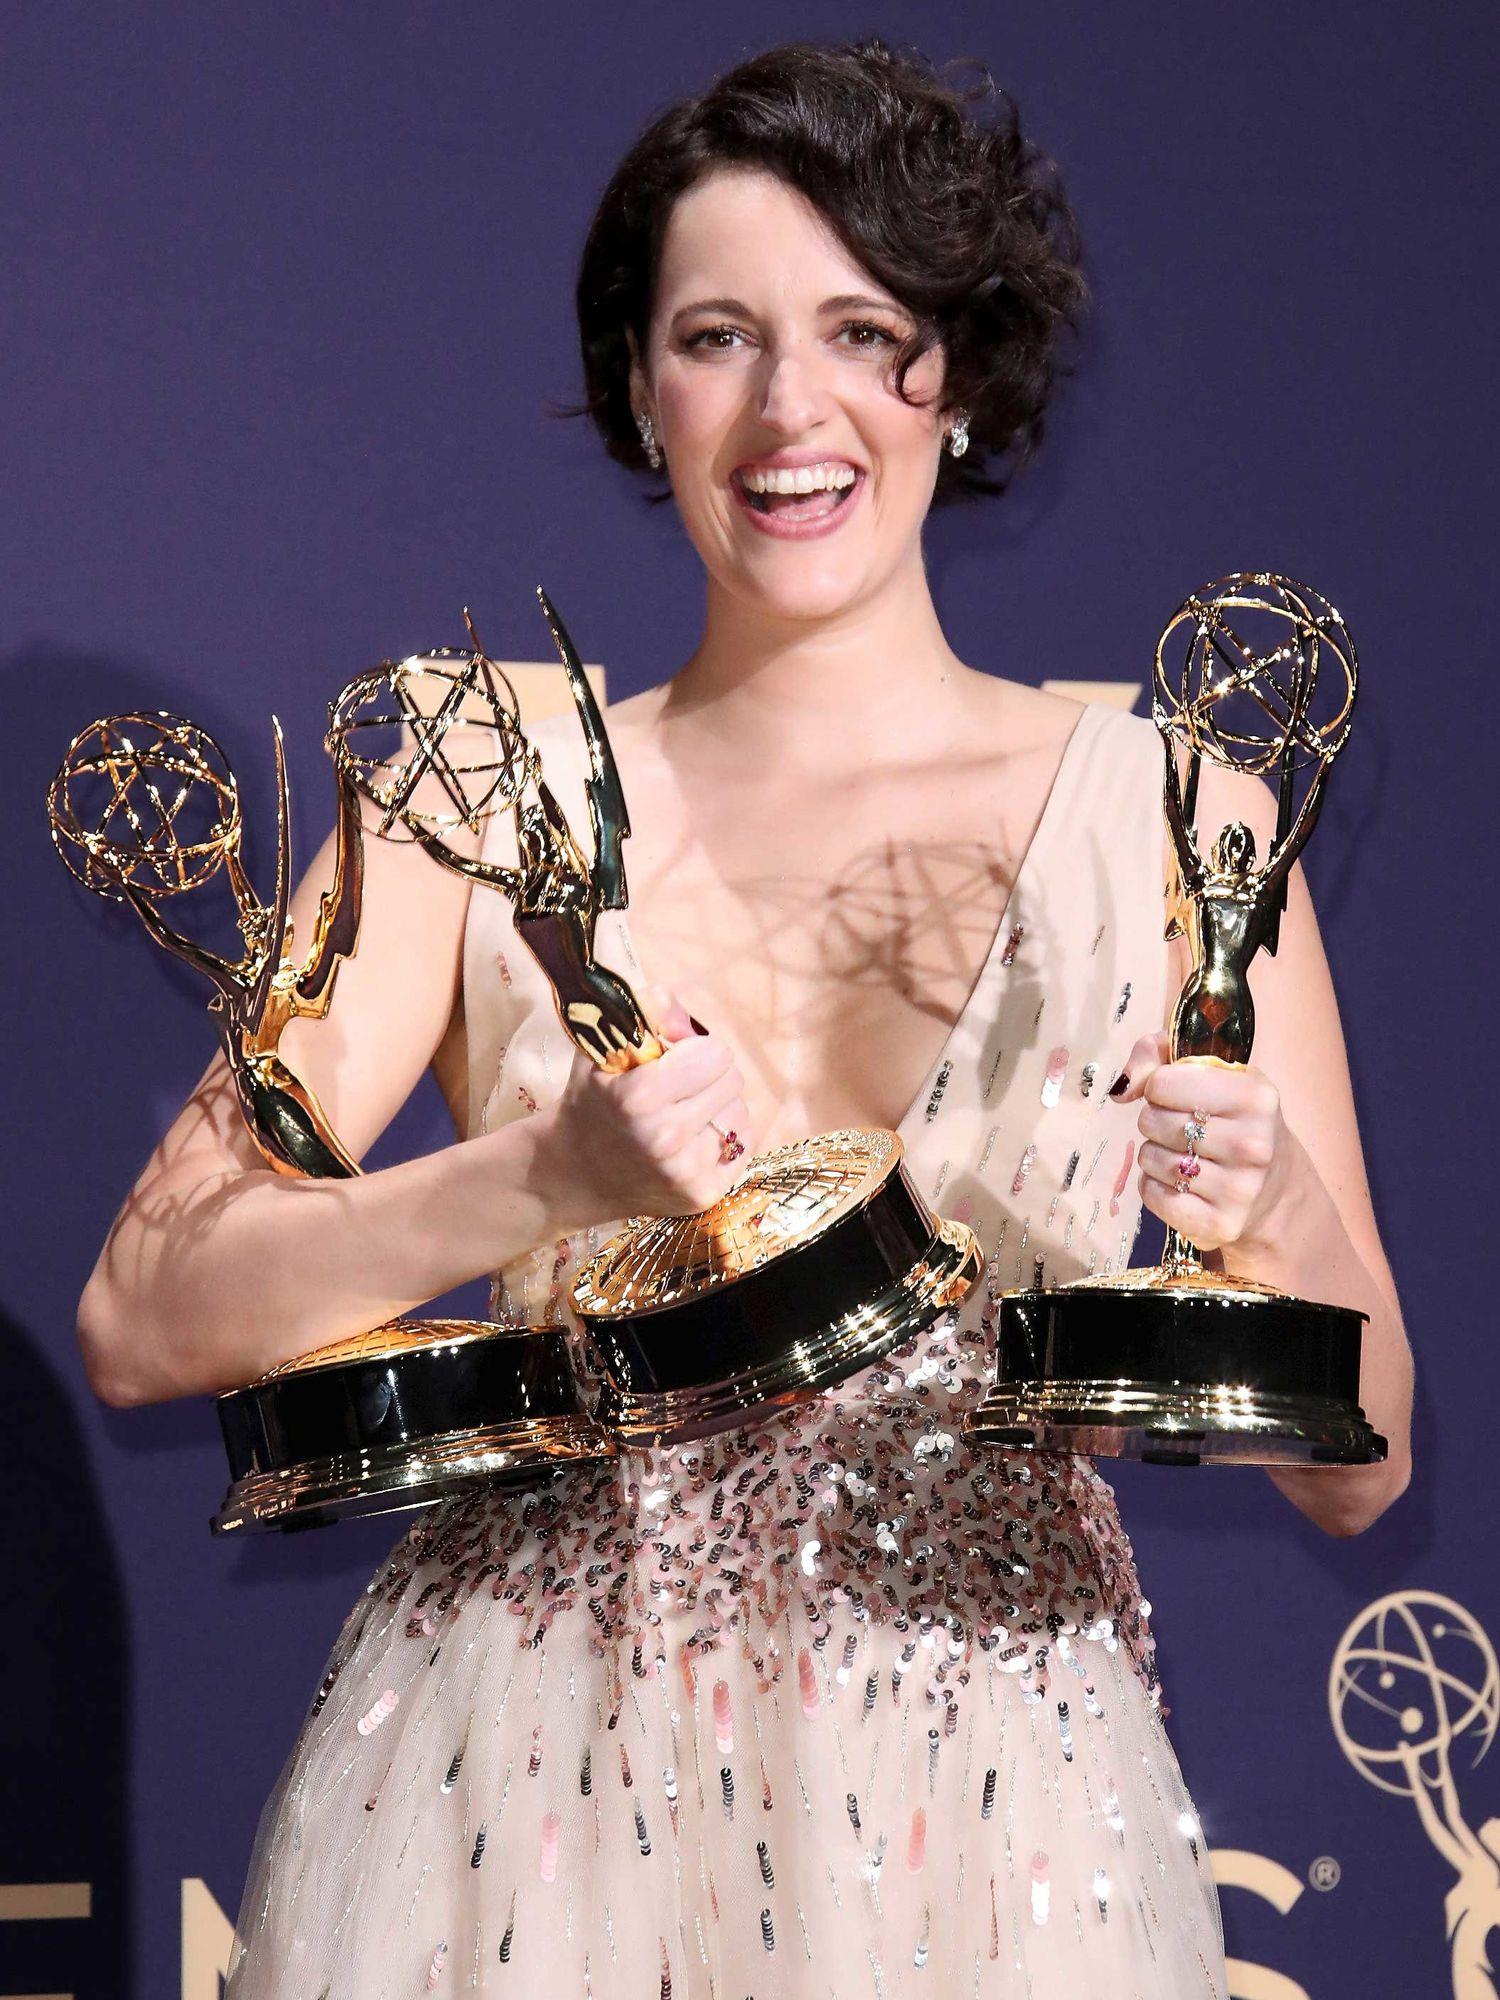 Phoebe Waller-Bridge holding Emmy Award wins.